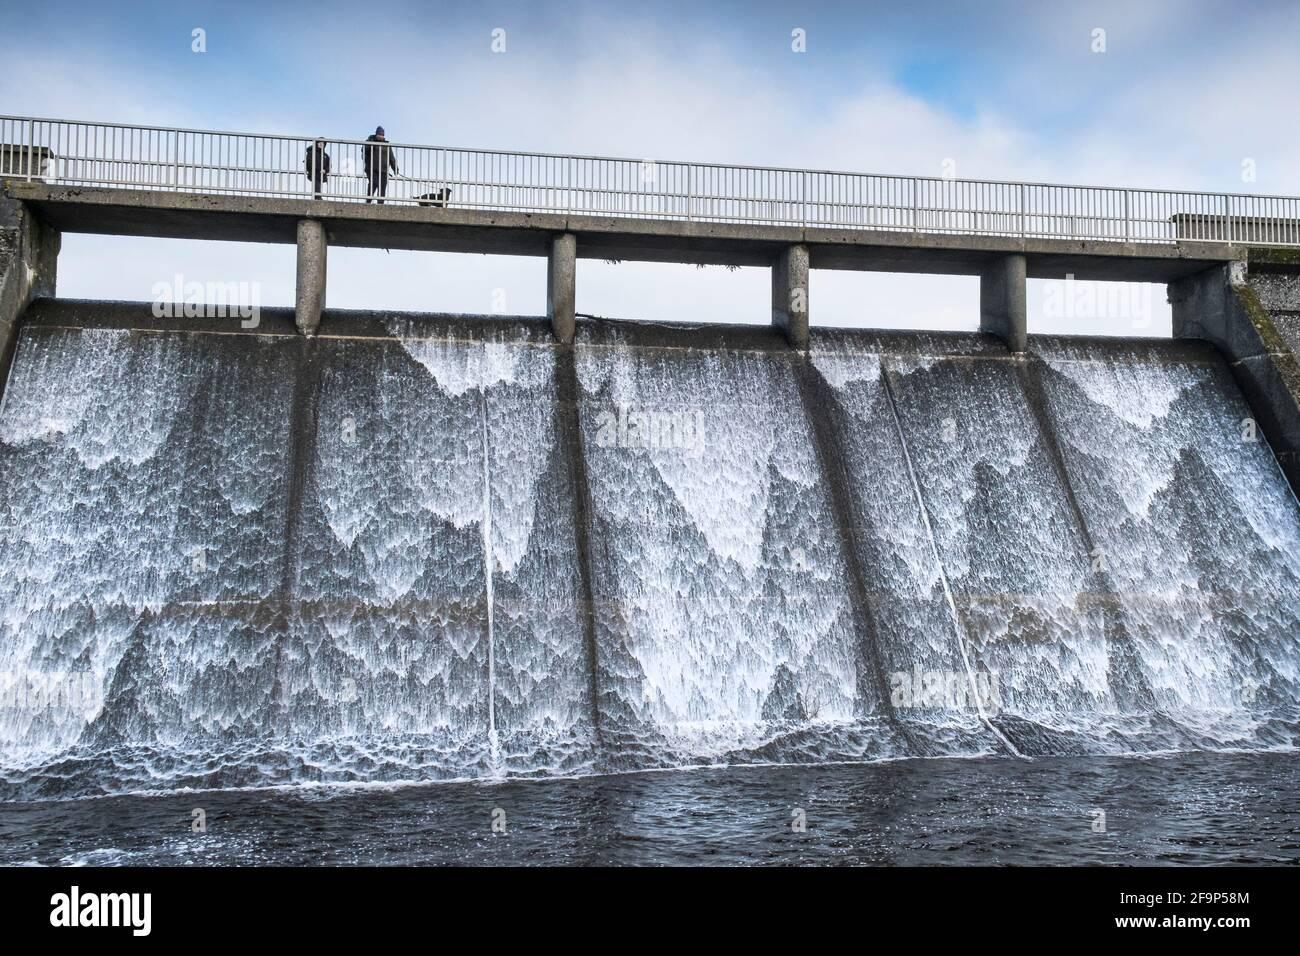 Personnes sur la passerelle au-dessus du déversoir de débordement du réservoir Crowdy sur Bodmin Moor dans Cornwall. Banque D'Images